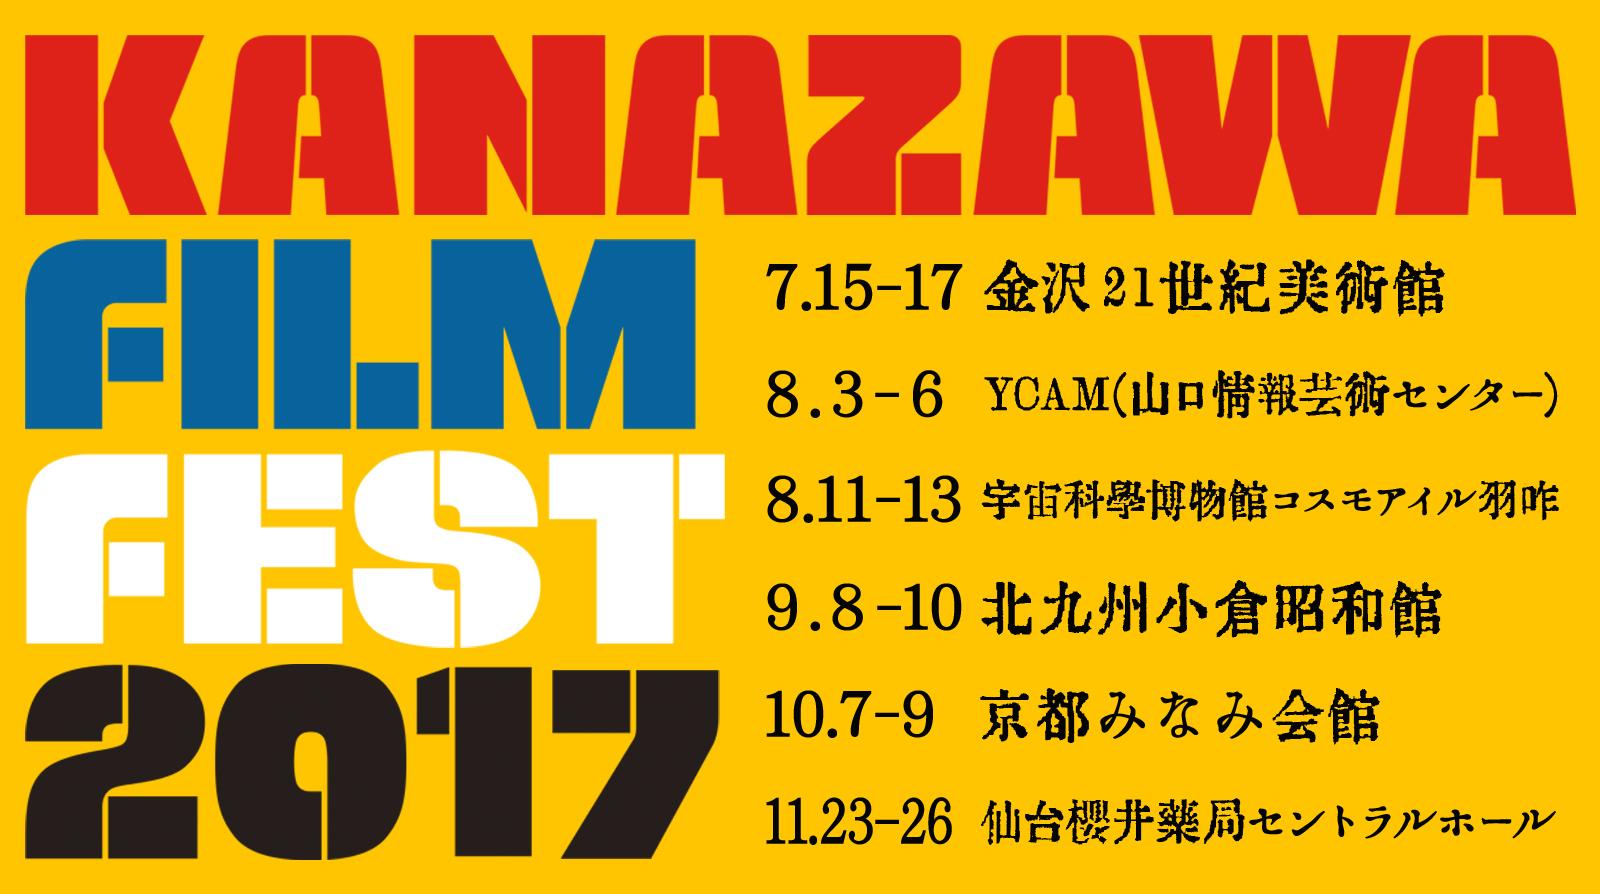 kanazawa_banner_0616.jpg